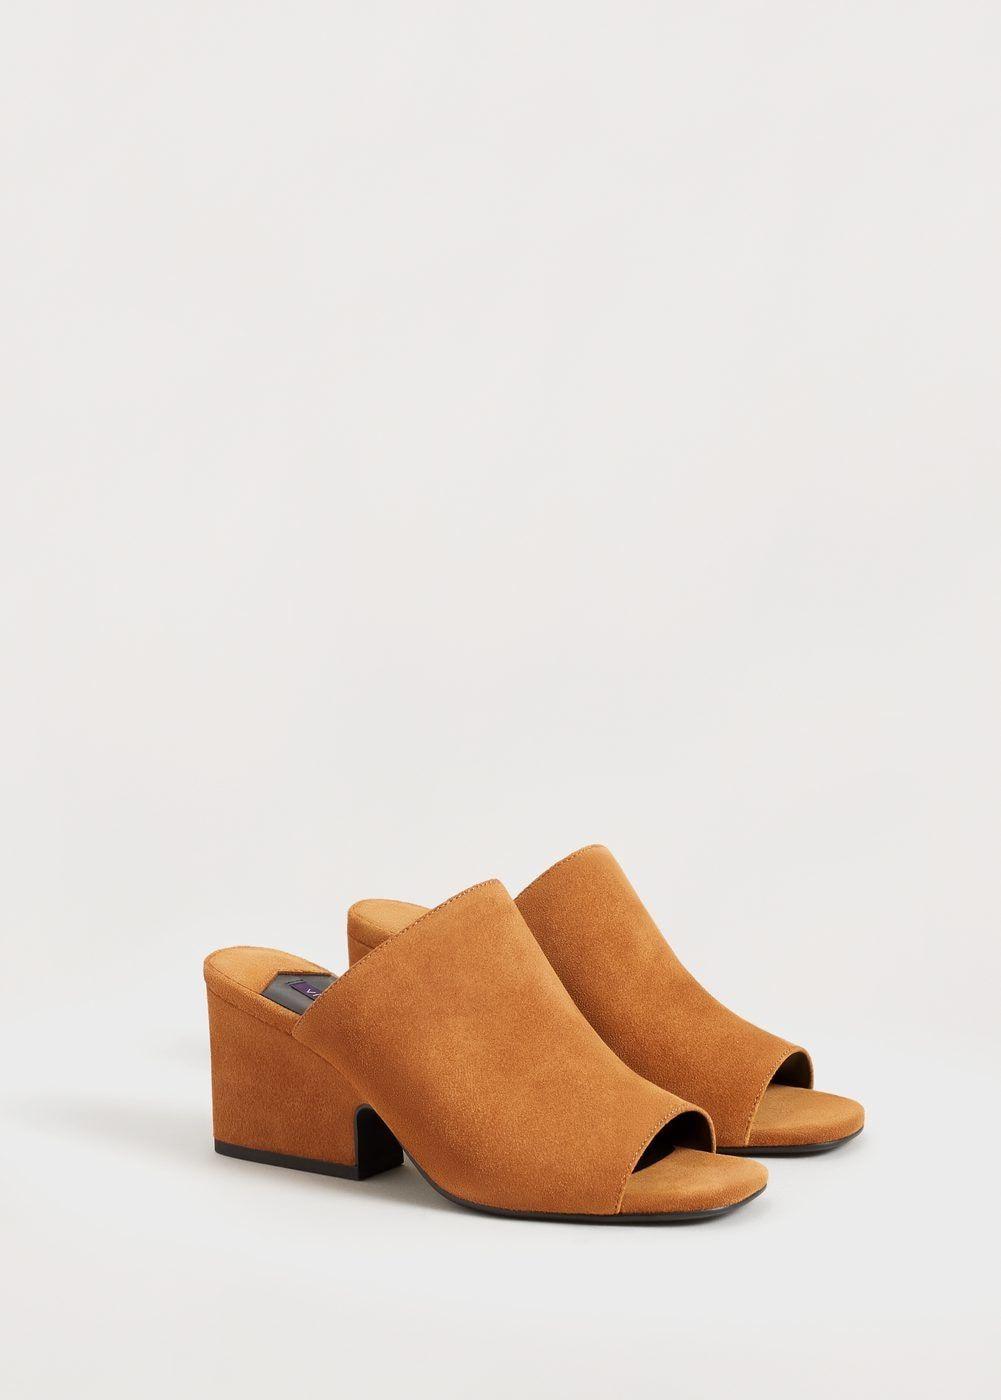 MujerSandalias TaconesZapatos Piel Zapato Medio Tacón FKl3uTJ1c